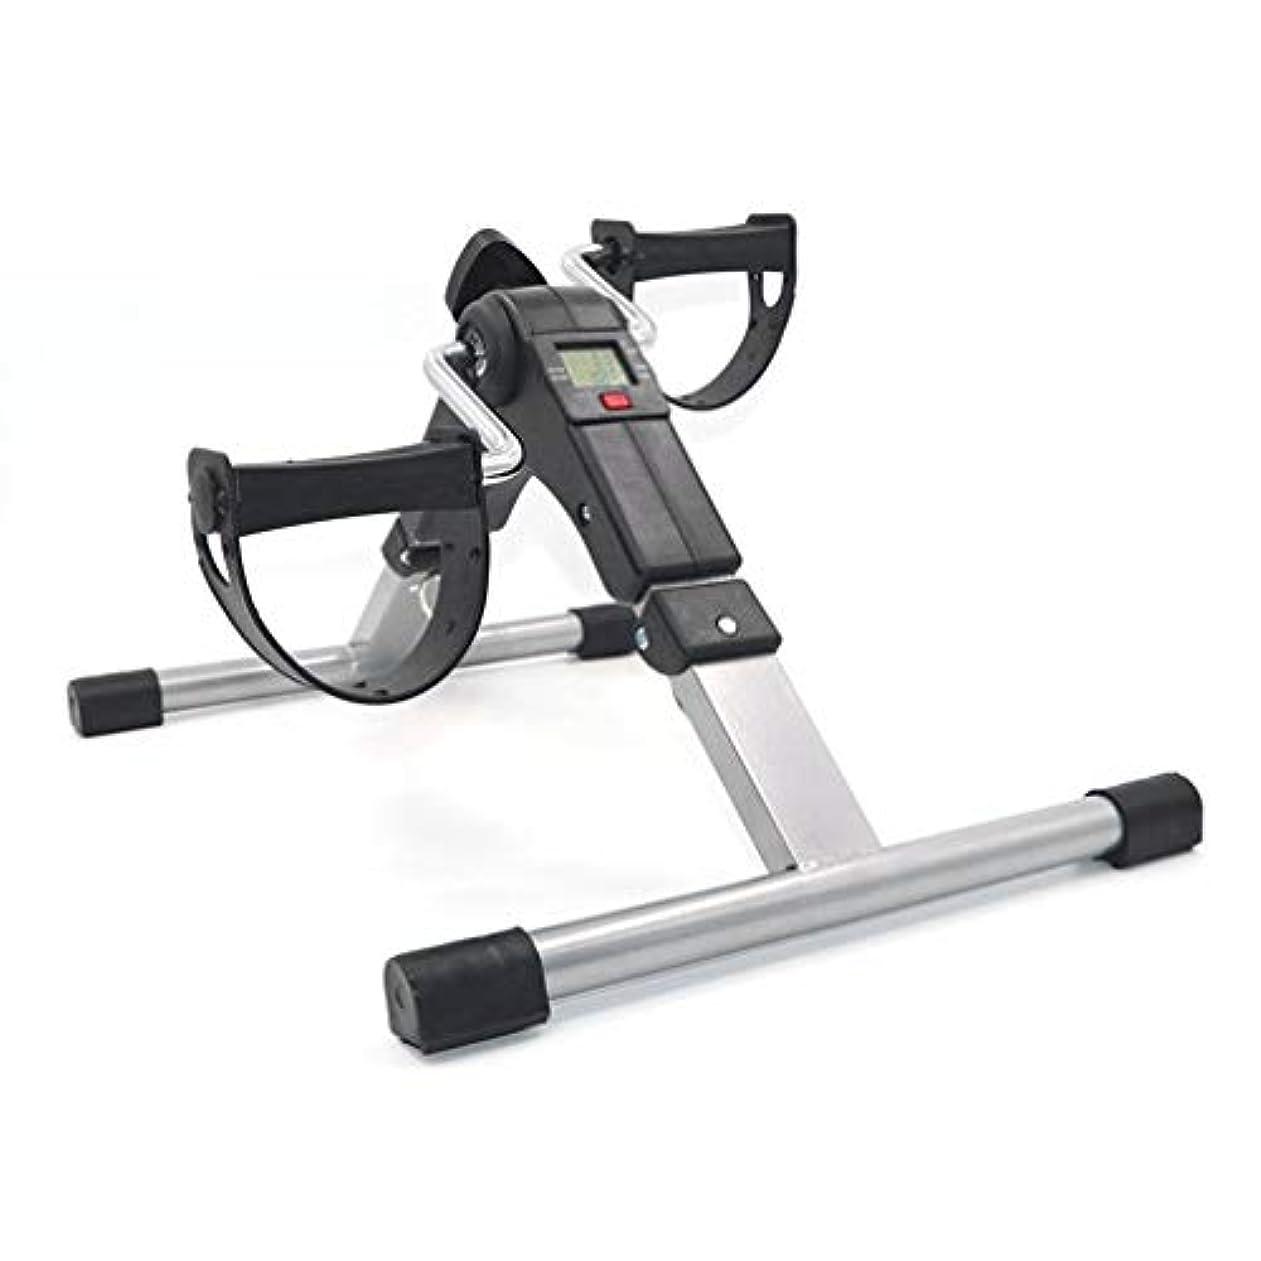 アドバンテージ叫び声非効率的な実用的なトレーナー自転車脚エクササイザーストローク片麻痺リハビリテーションペダル-innovationo